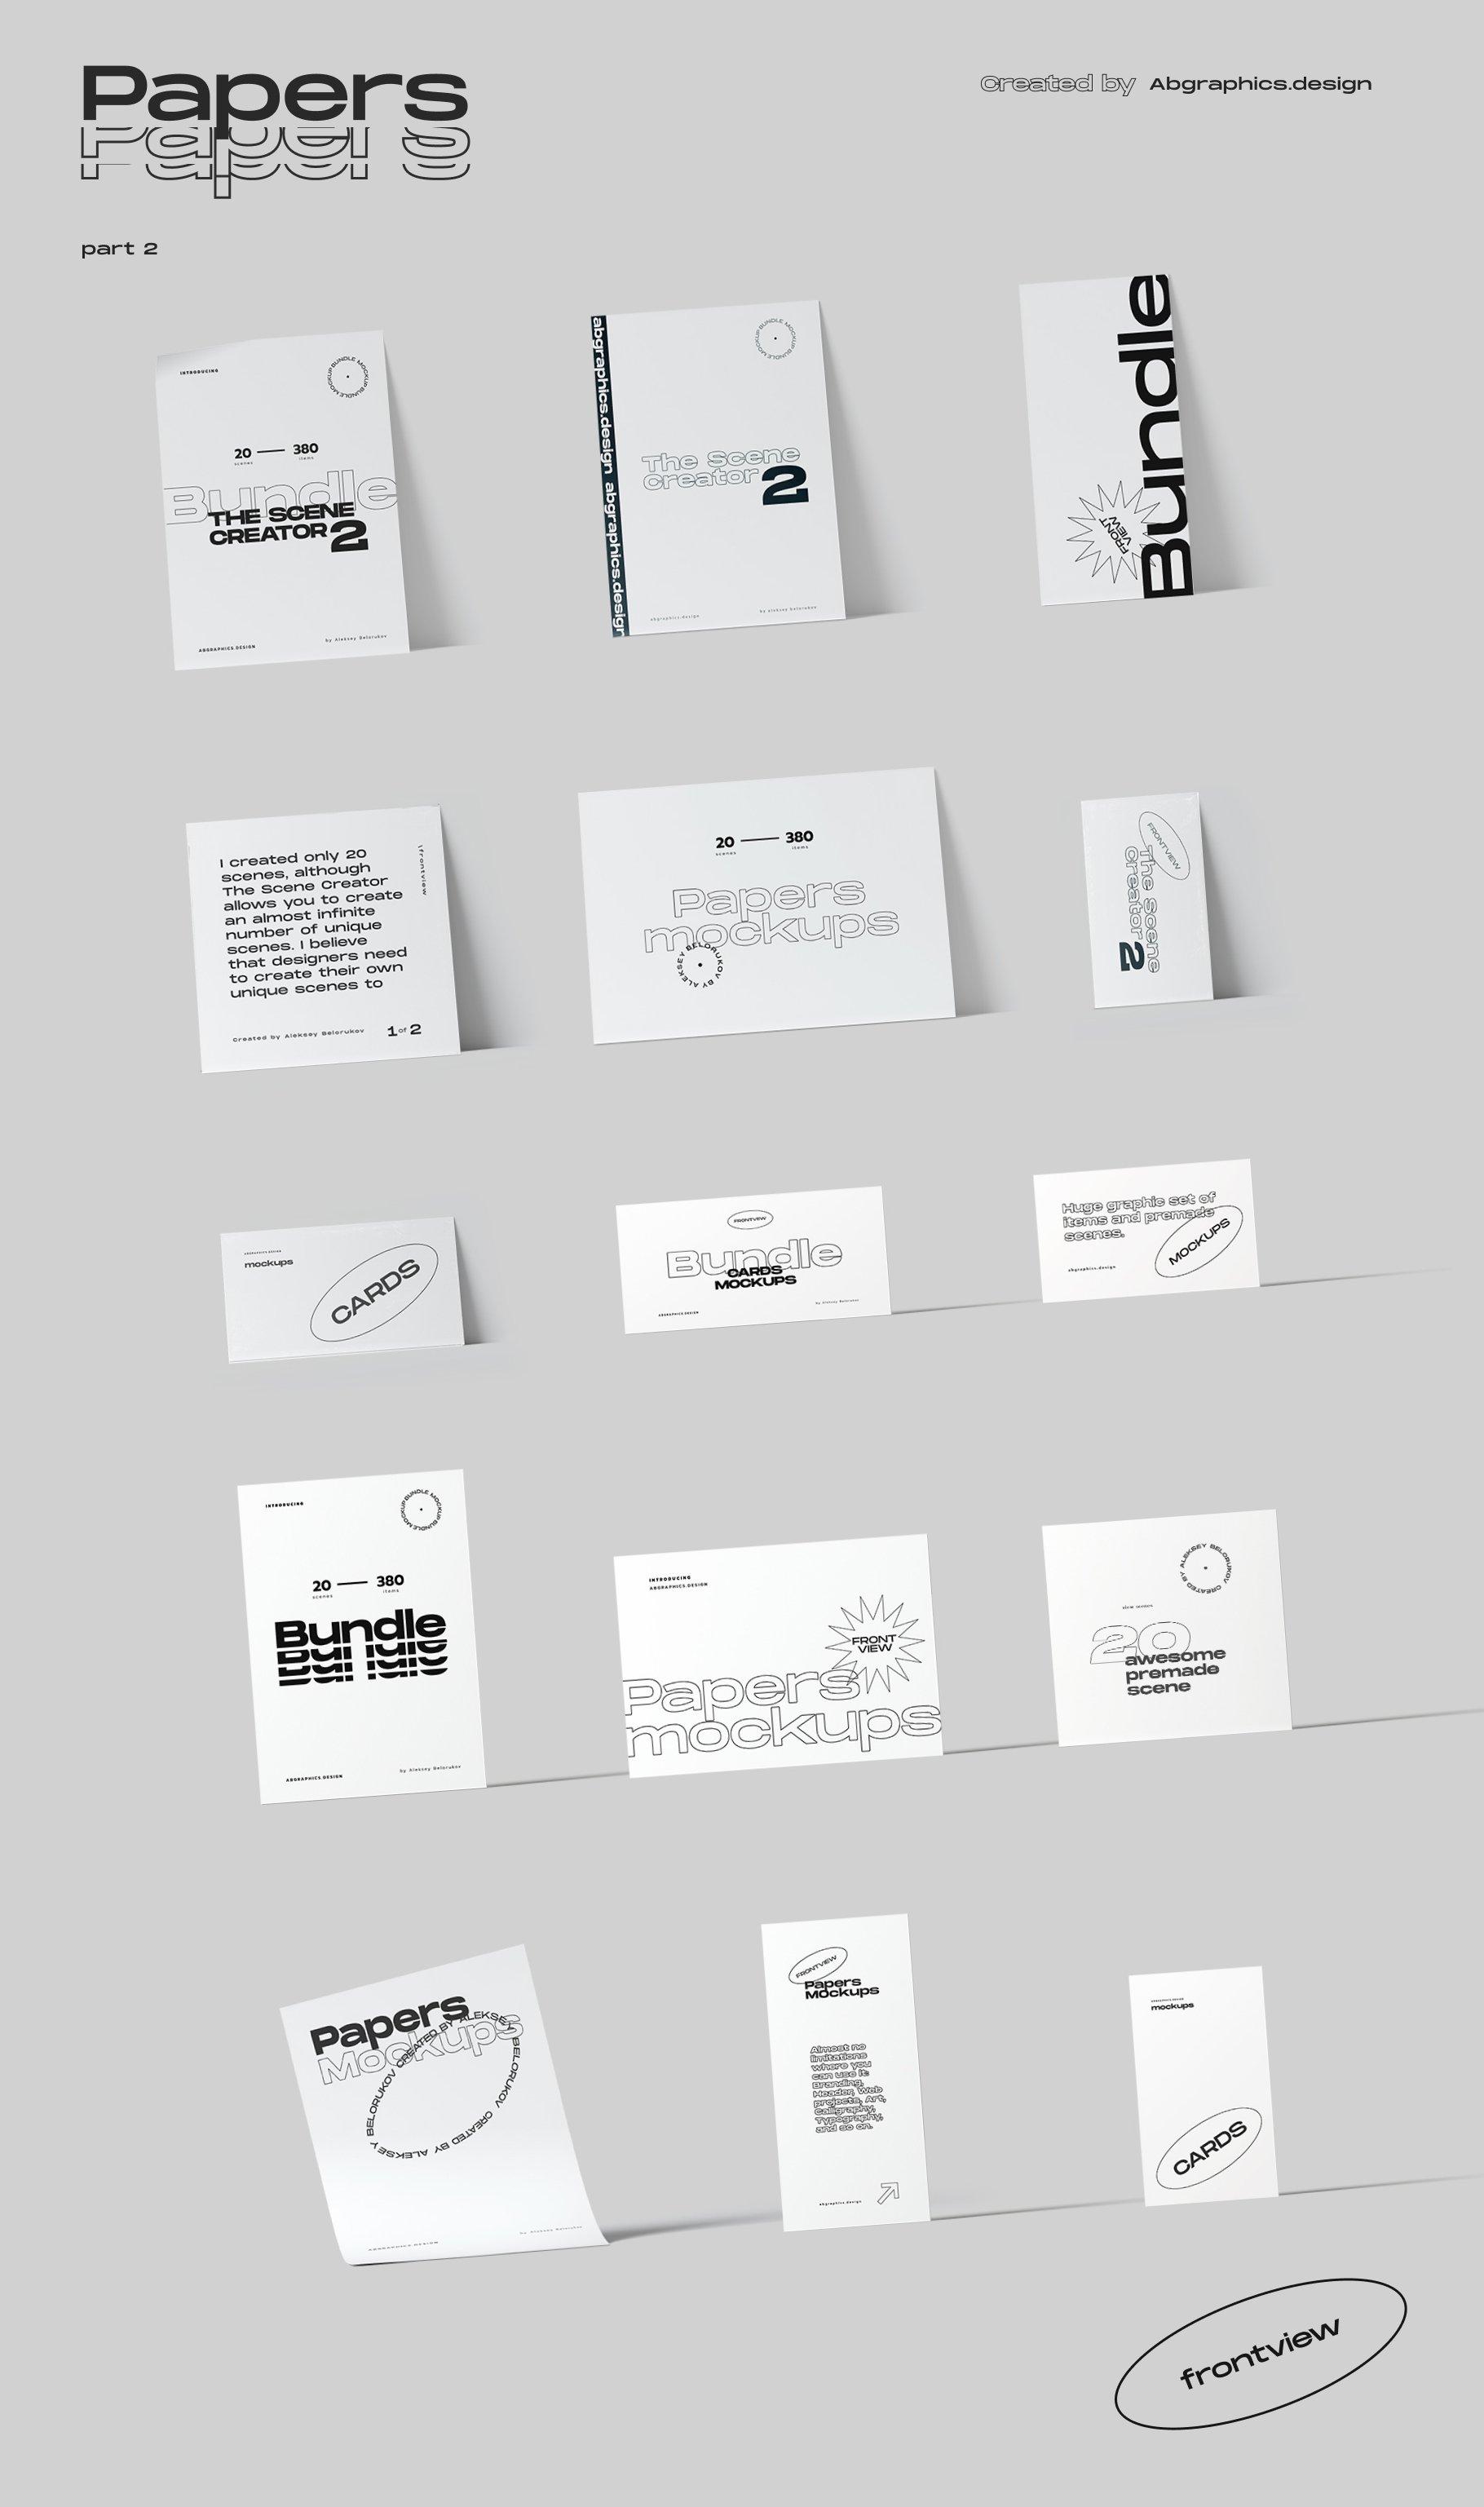 [淘宝购买] 超大品牌VI包装设计PS智能贴图样机模板素材 The Scene Creator 2 / Frontview插图(23)